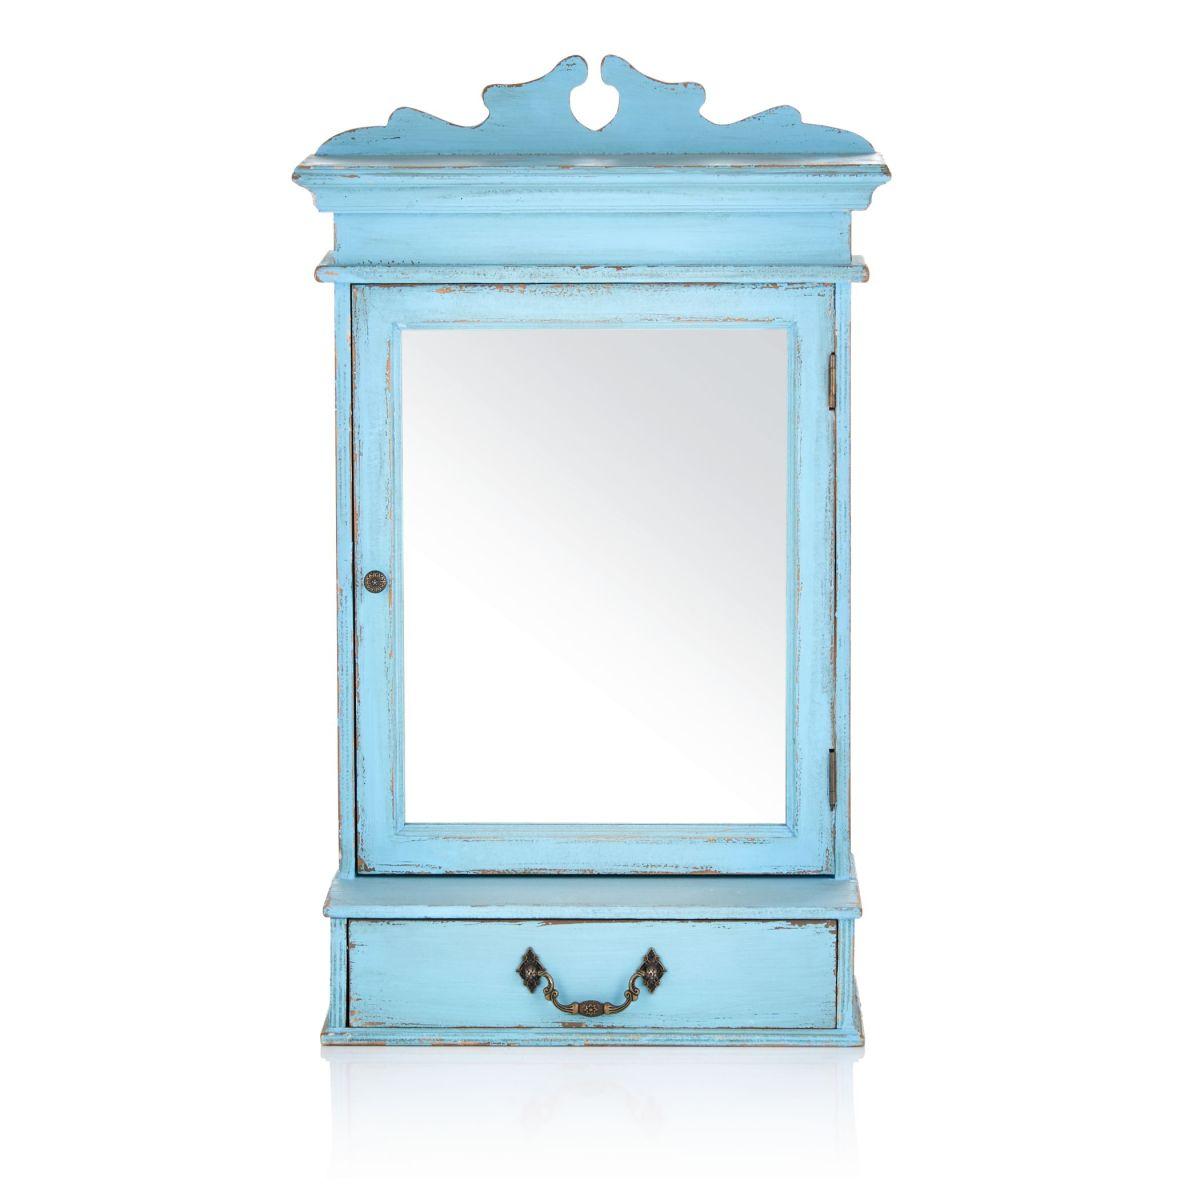 Spiegelschrank Shabby Chic : spiegel shabby g nstig kaufen ~ Markanthonyermac.com Haus und Dekorationen